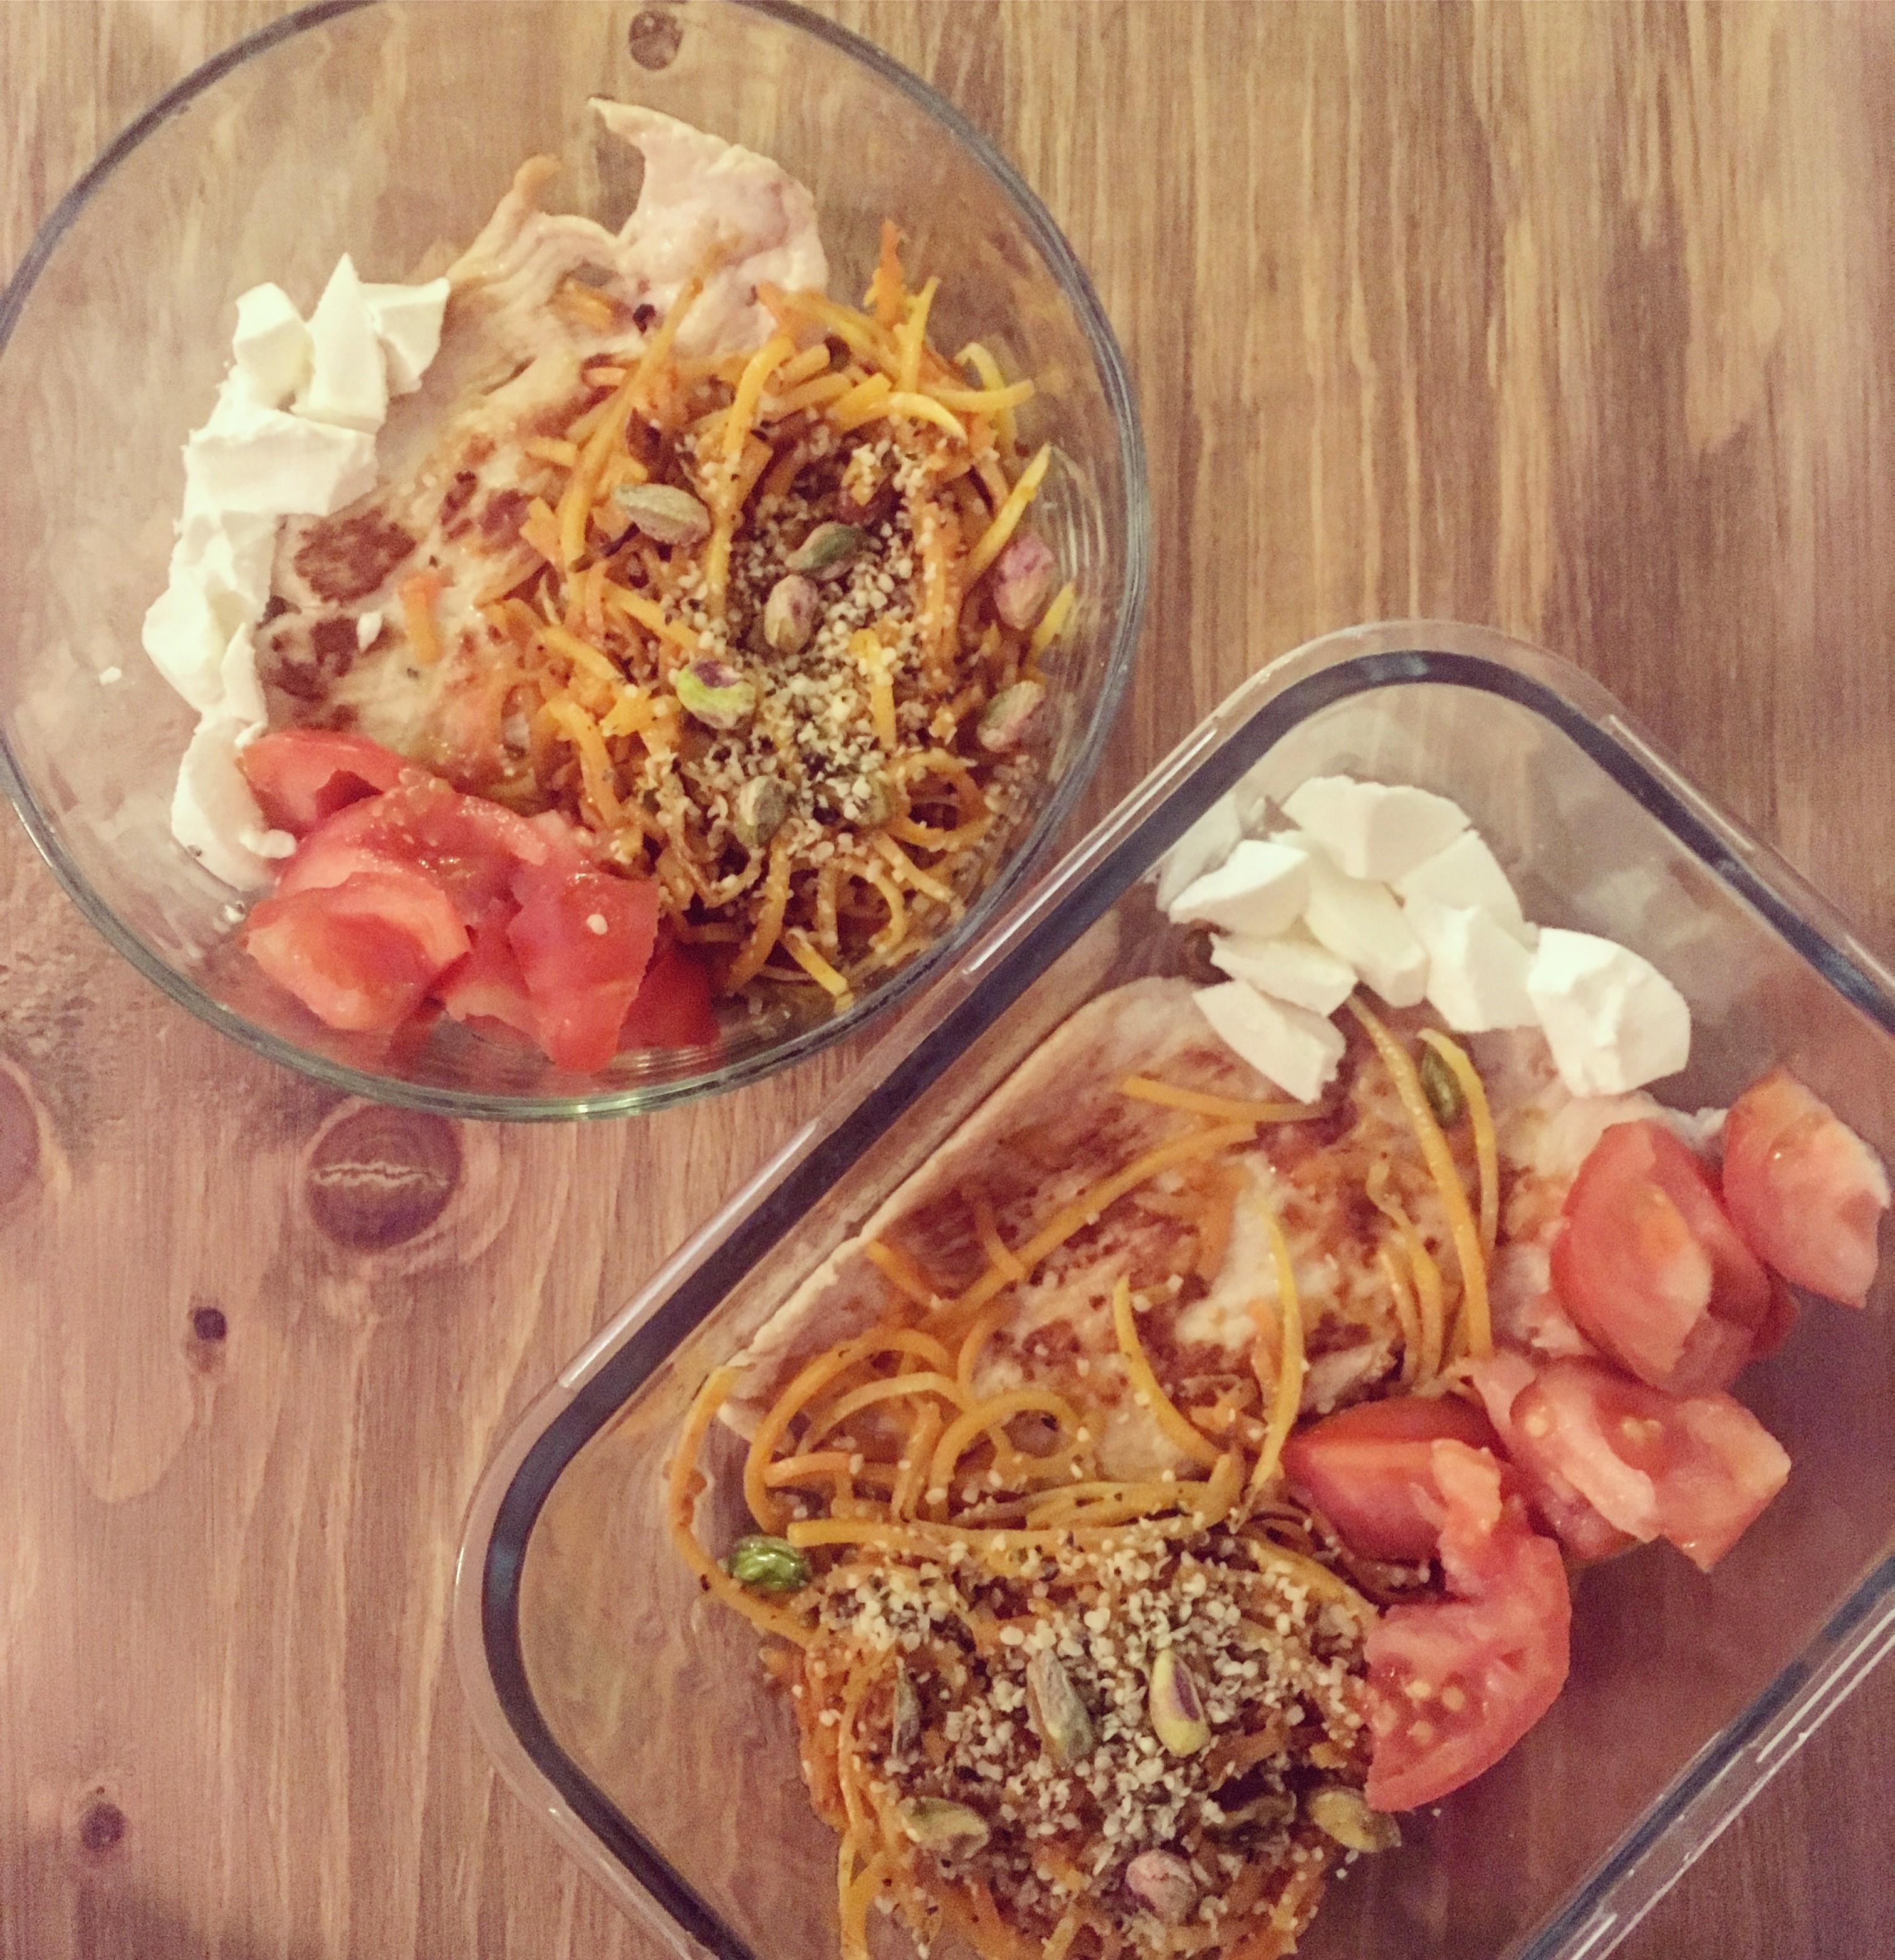 Espirales de calabaza con pistachos, semillas de cáñamo y filete de pollo